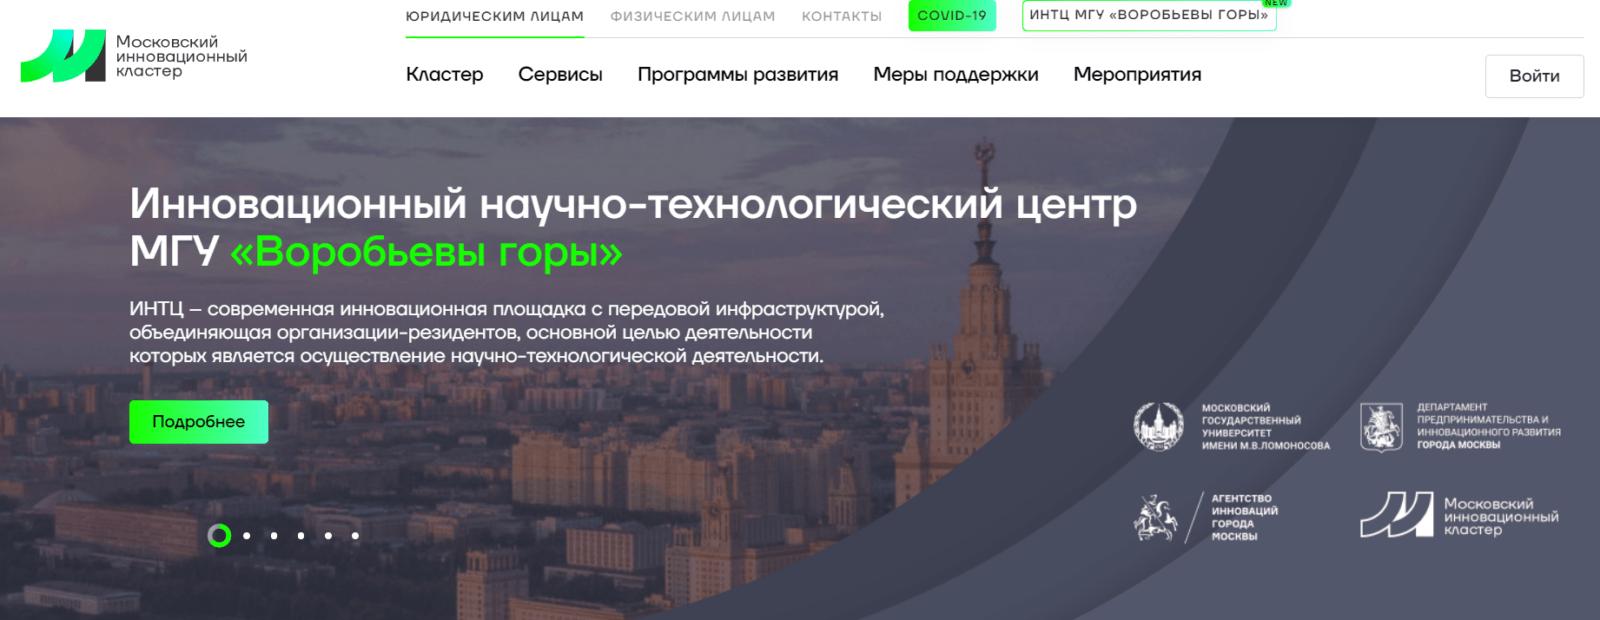 Три проекта Москвы отметили международной премией в области инноваций German Innovation Award (image 5)